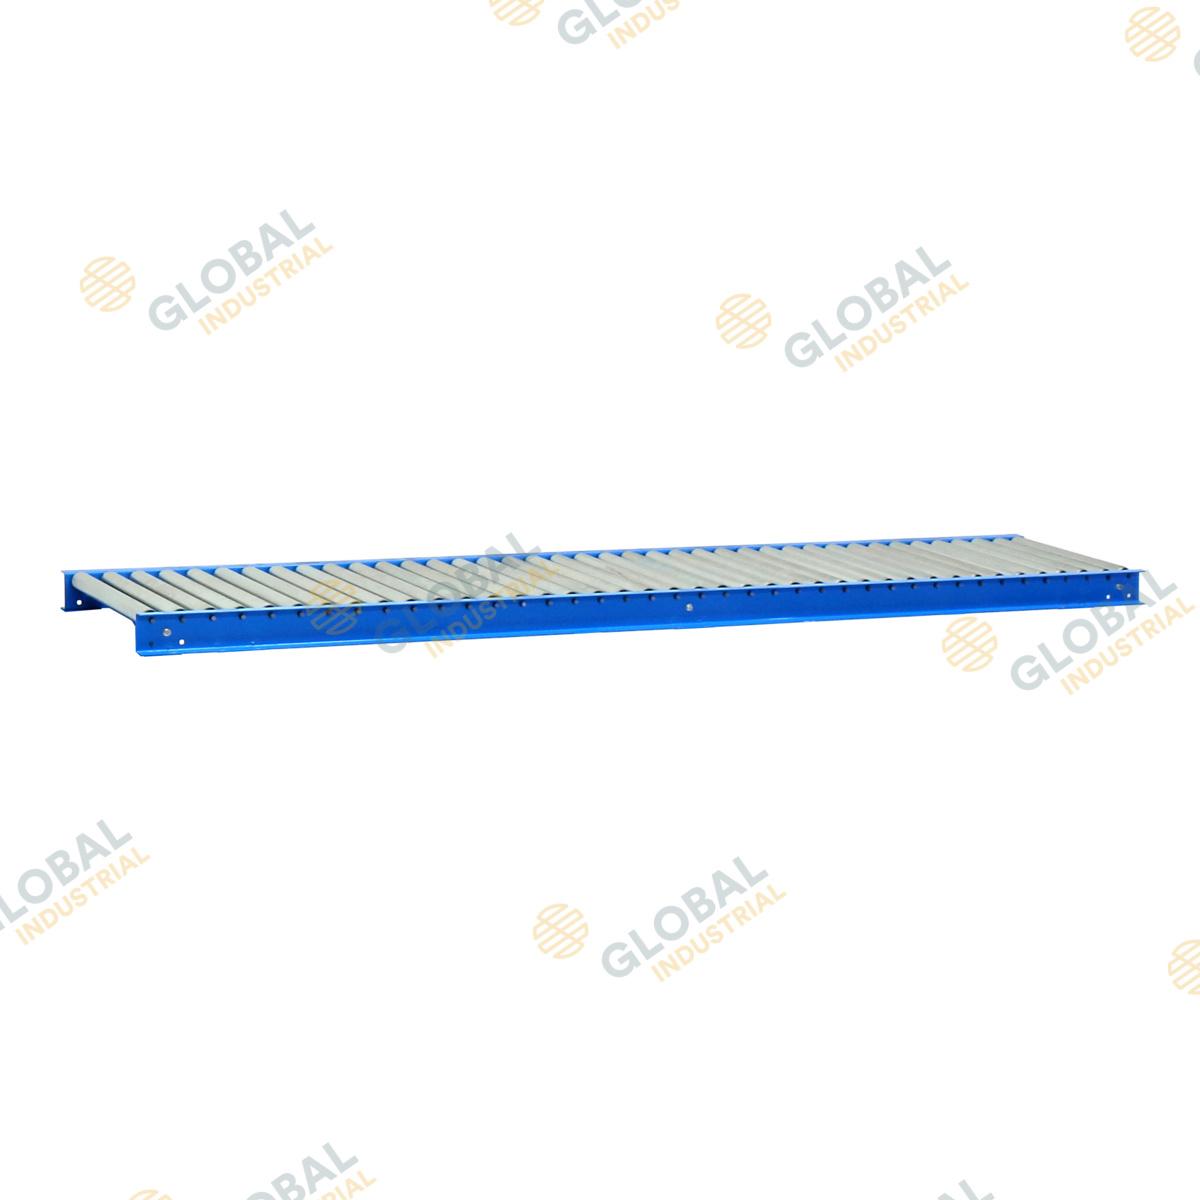 3000mm Conveyor Roller Bed